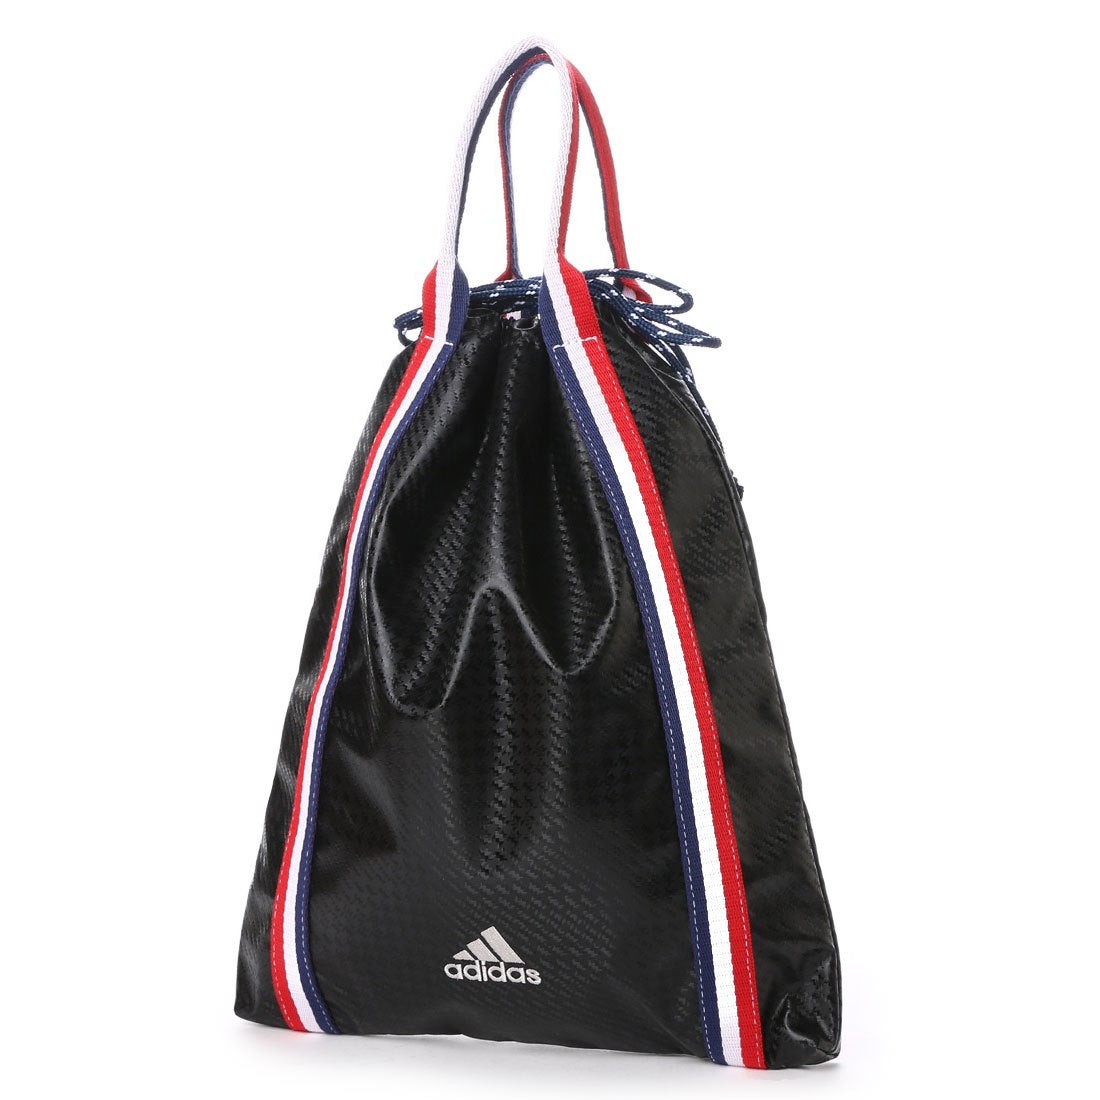 アディダス adidas レディース ゴルフ シューズケース ウィメンズ シューズケース 2 AWT26